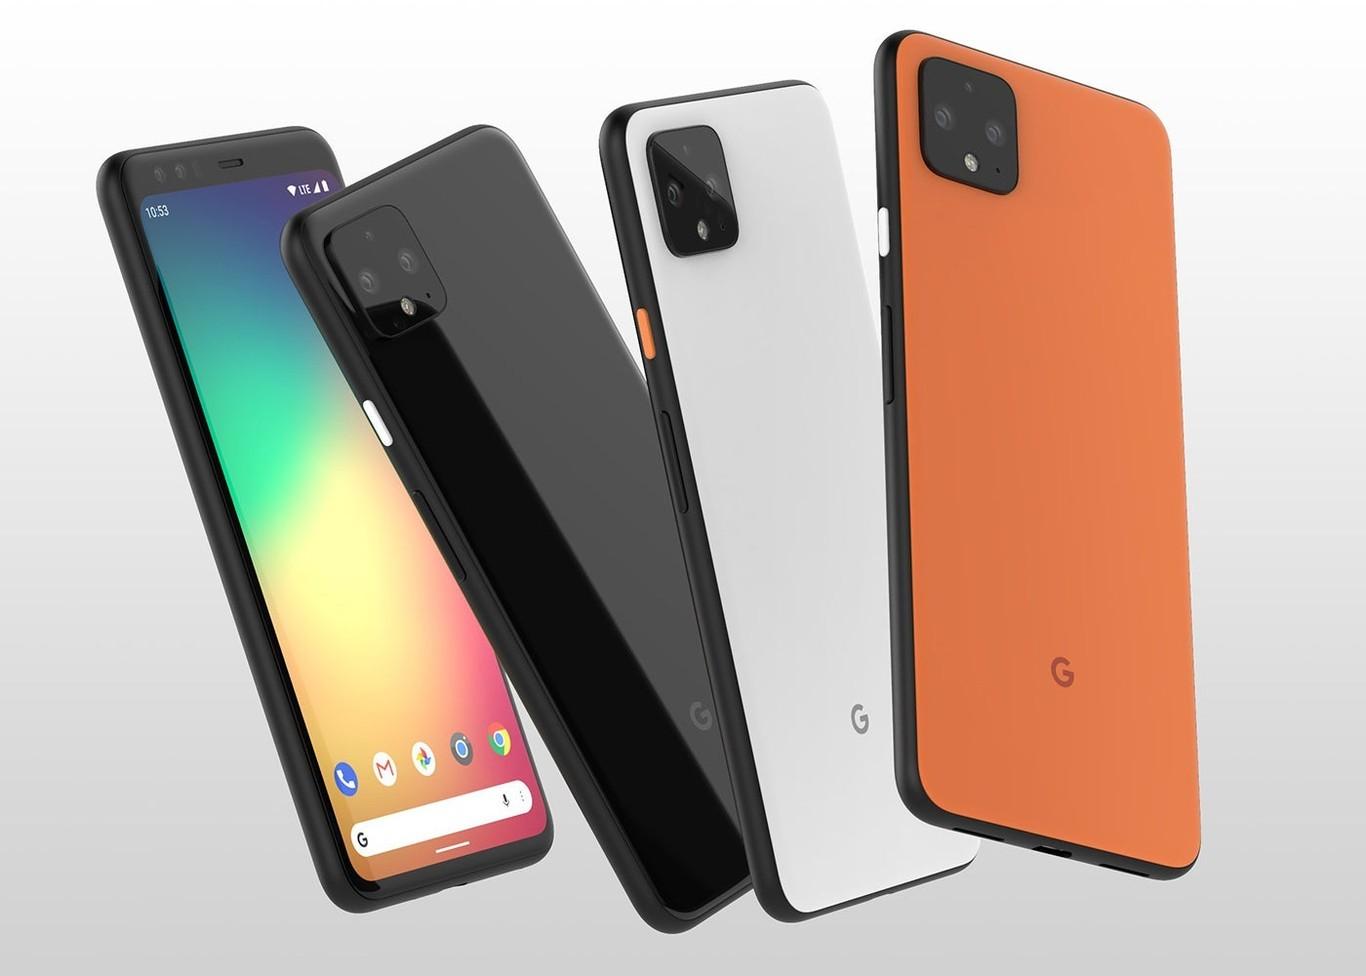 """Google explica que el """"almacenamiento ilimitado"""" en Fotos de los iPhone es un error y por qué los Pixel 4 no graban en 4K 60 FPS"""